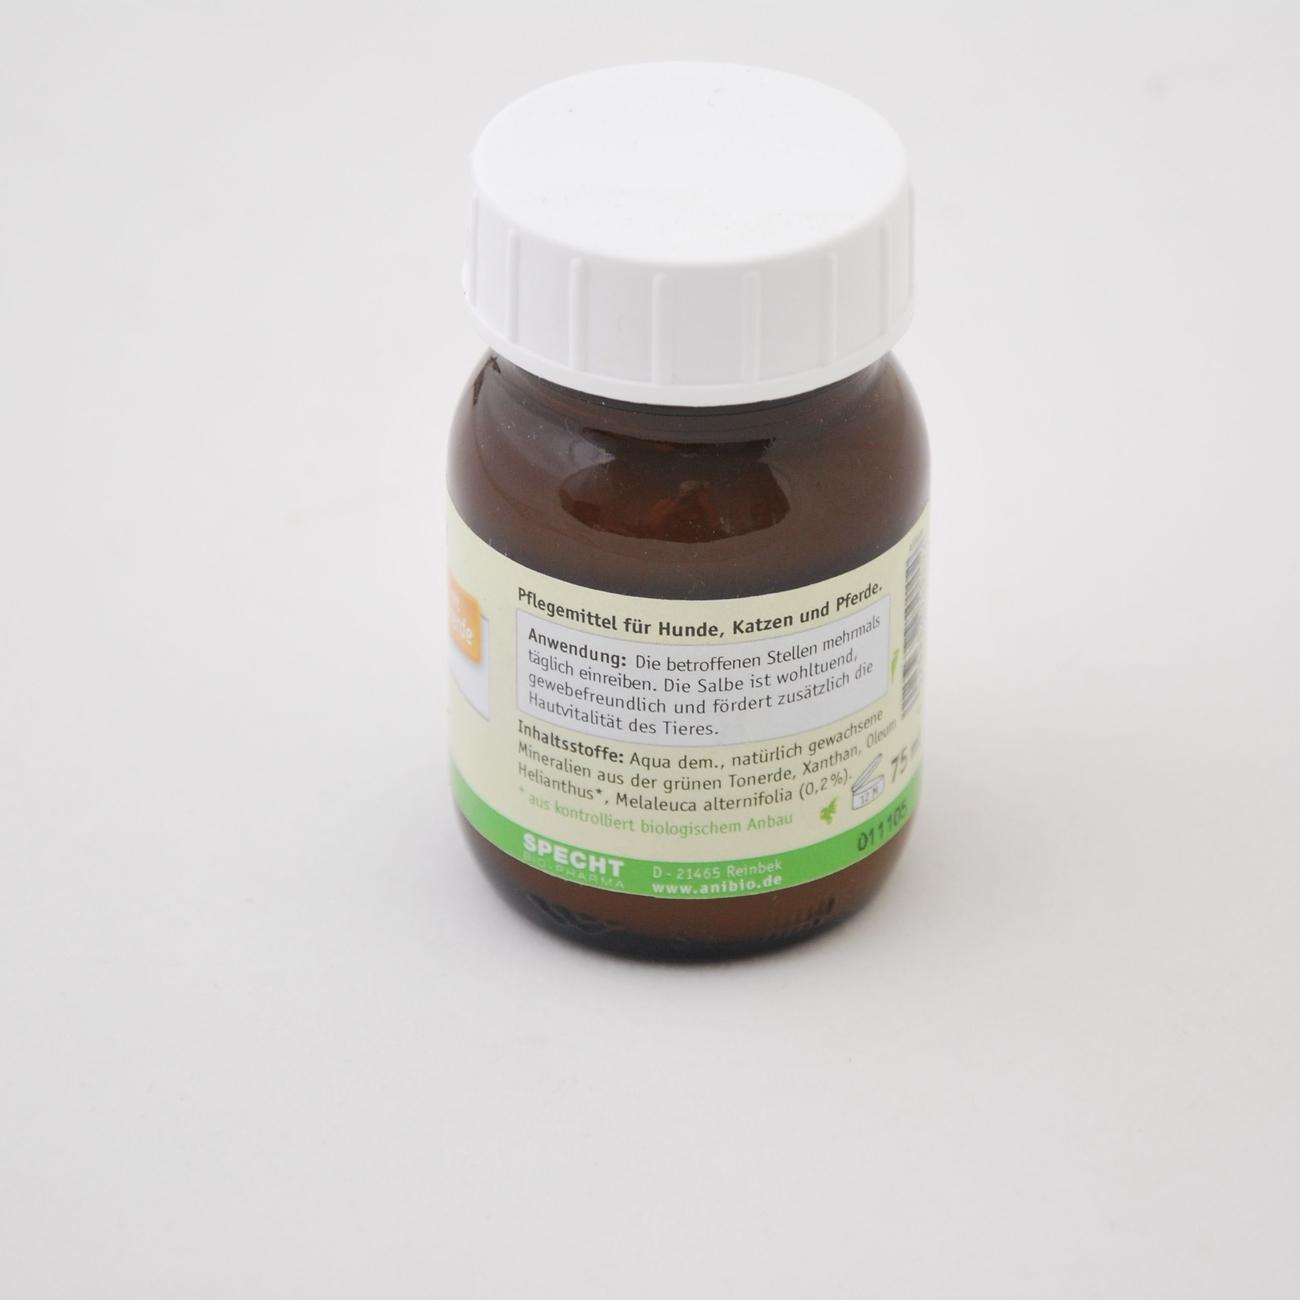 Anibio Mineralsalbe Hautschutz für Hunde und Katzen, Bild 2